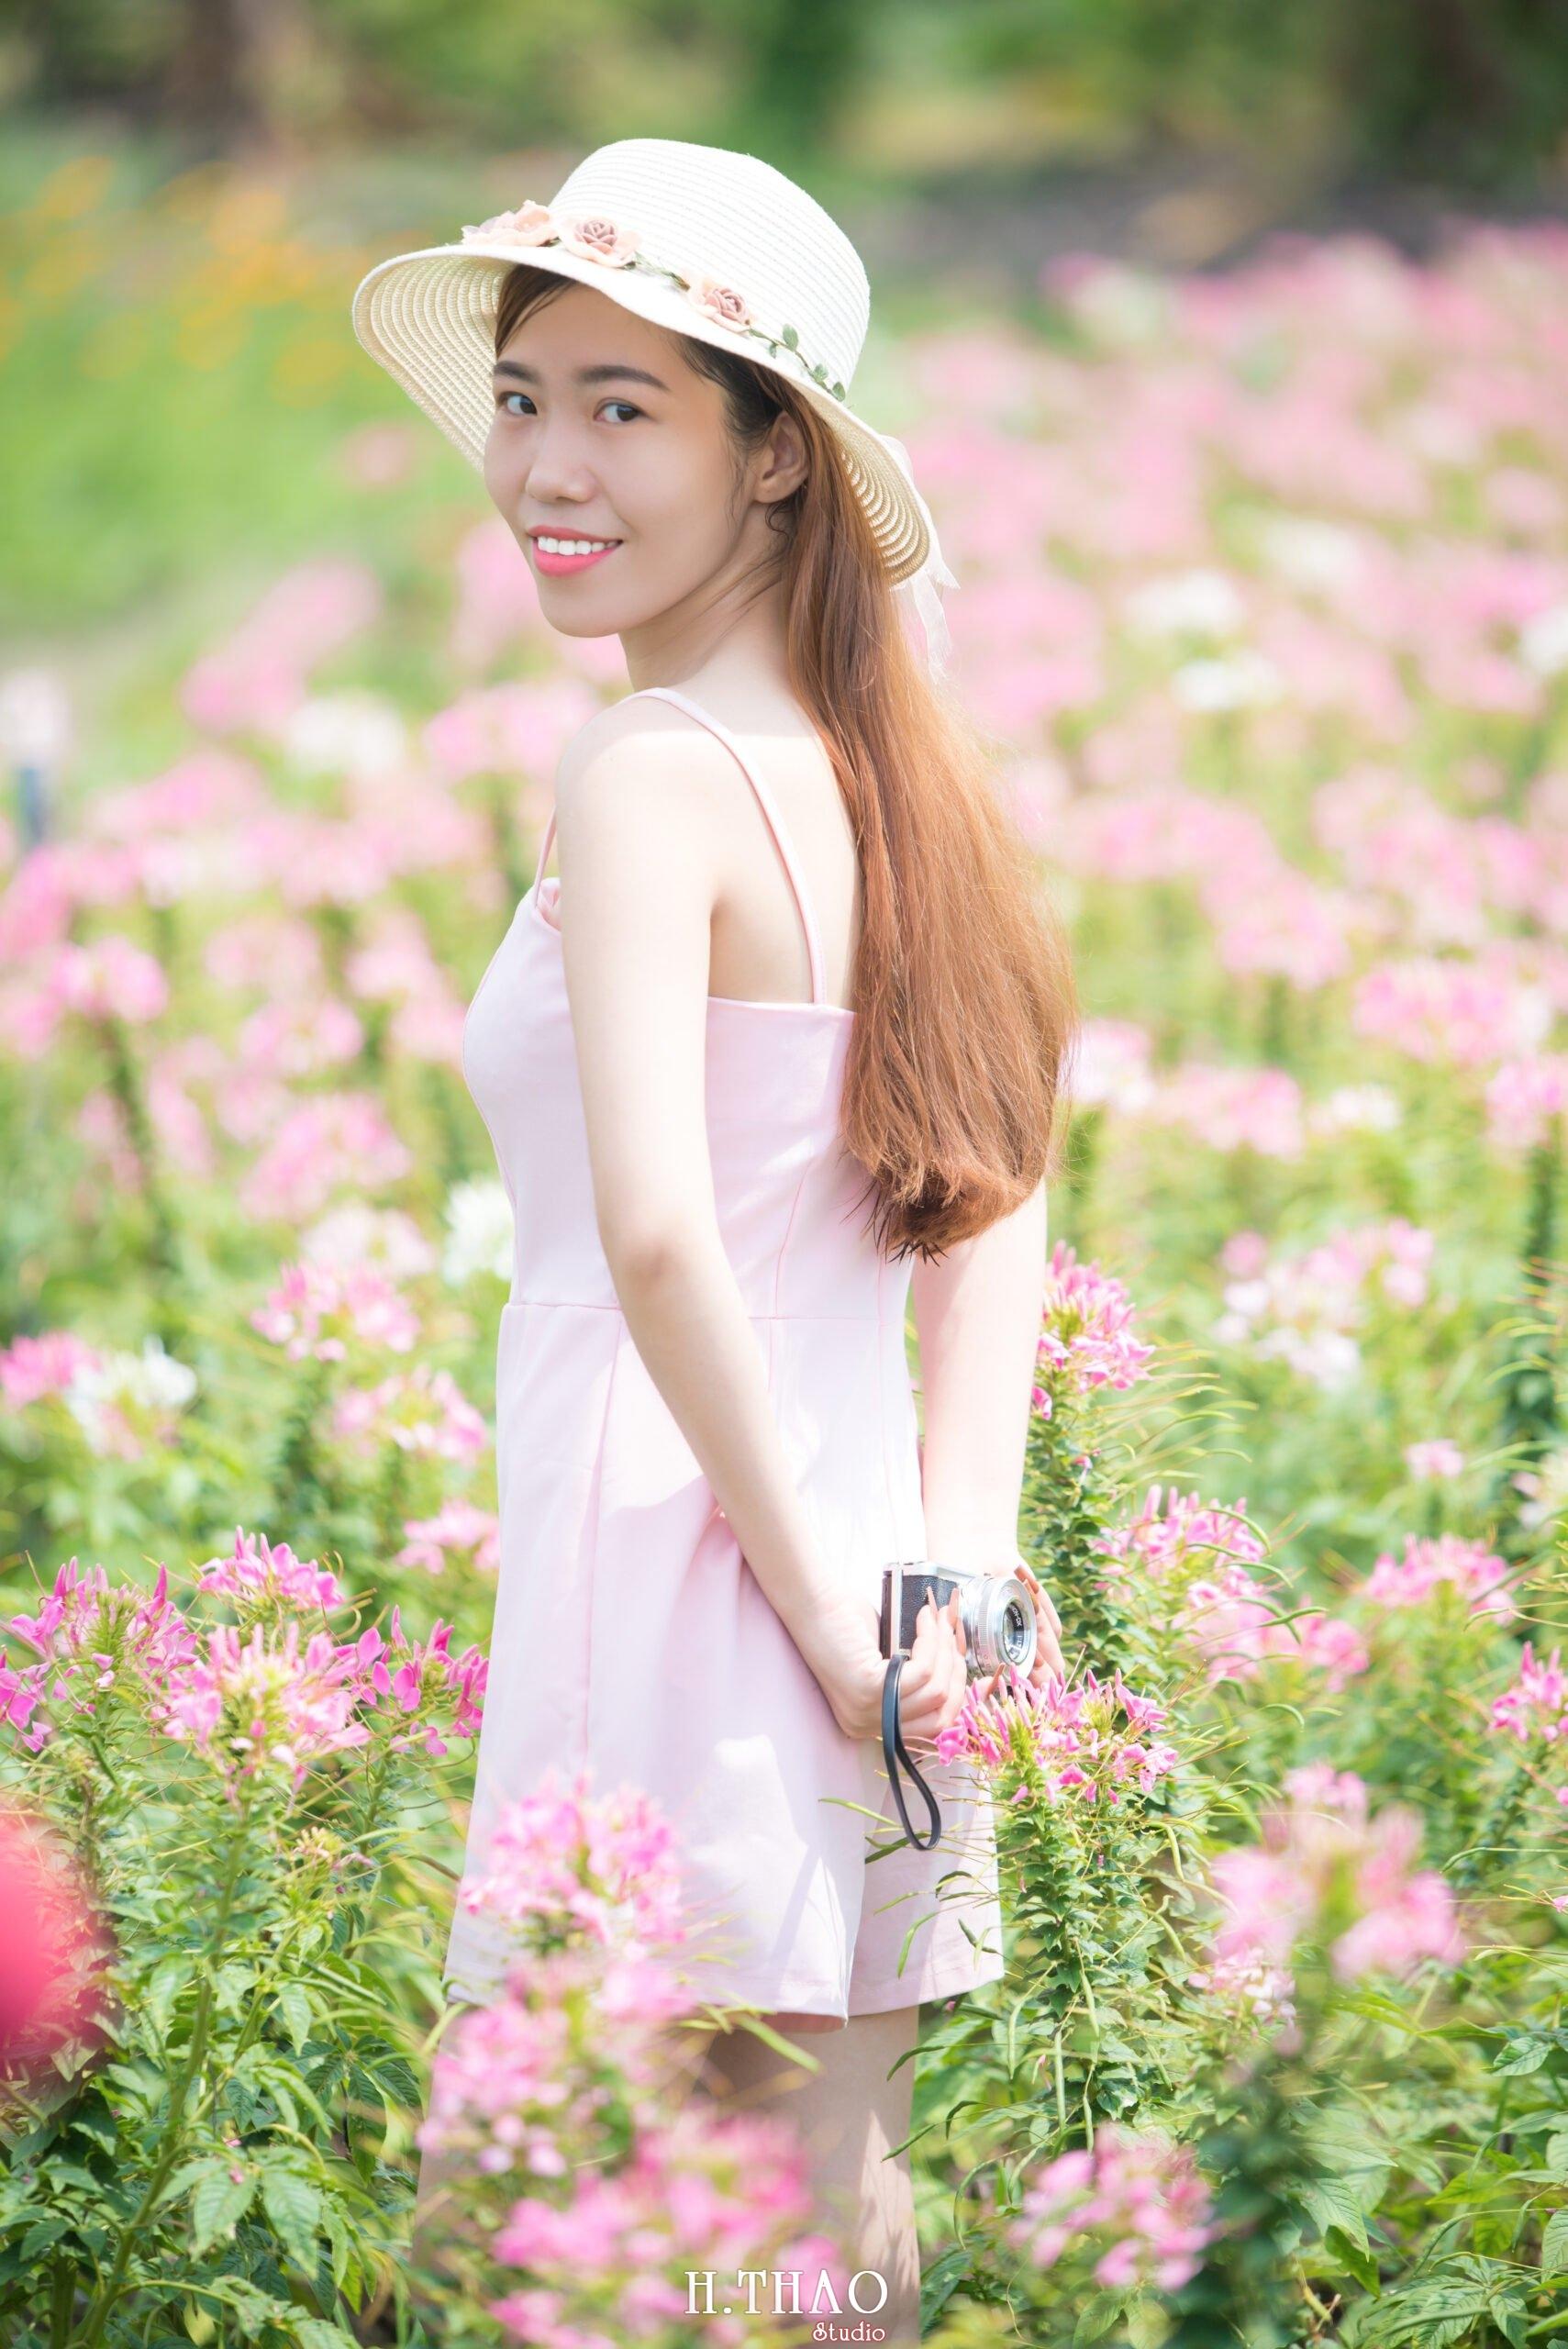 Anh be Mai 11 scaled - Chụp ảnh với hoa hướng dương tuyệt đẹp giữa lòng Sài Gòn